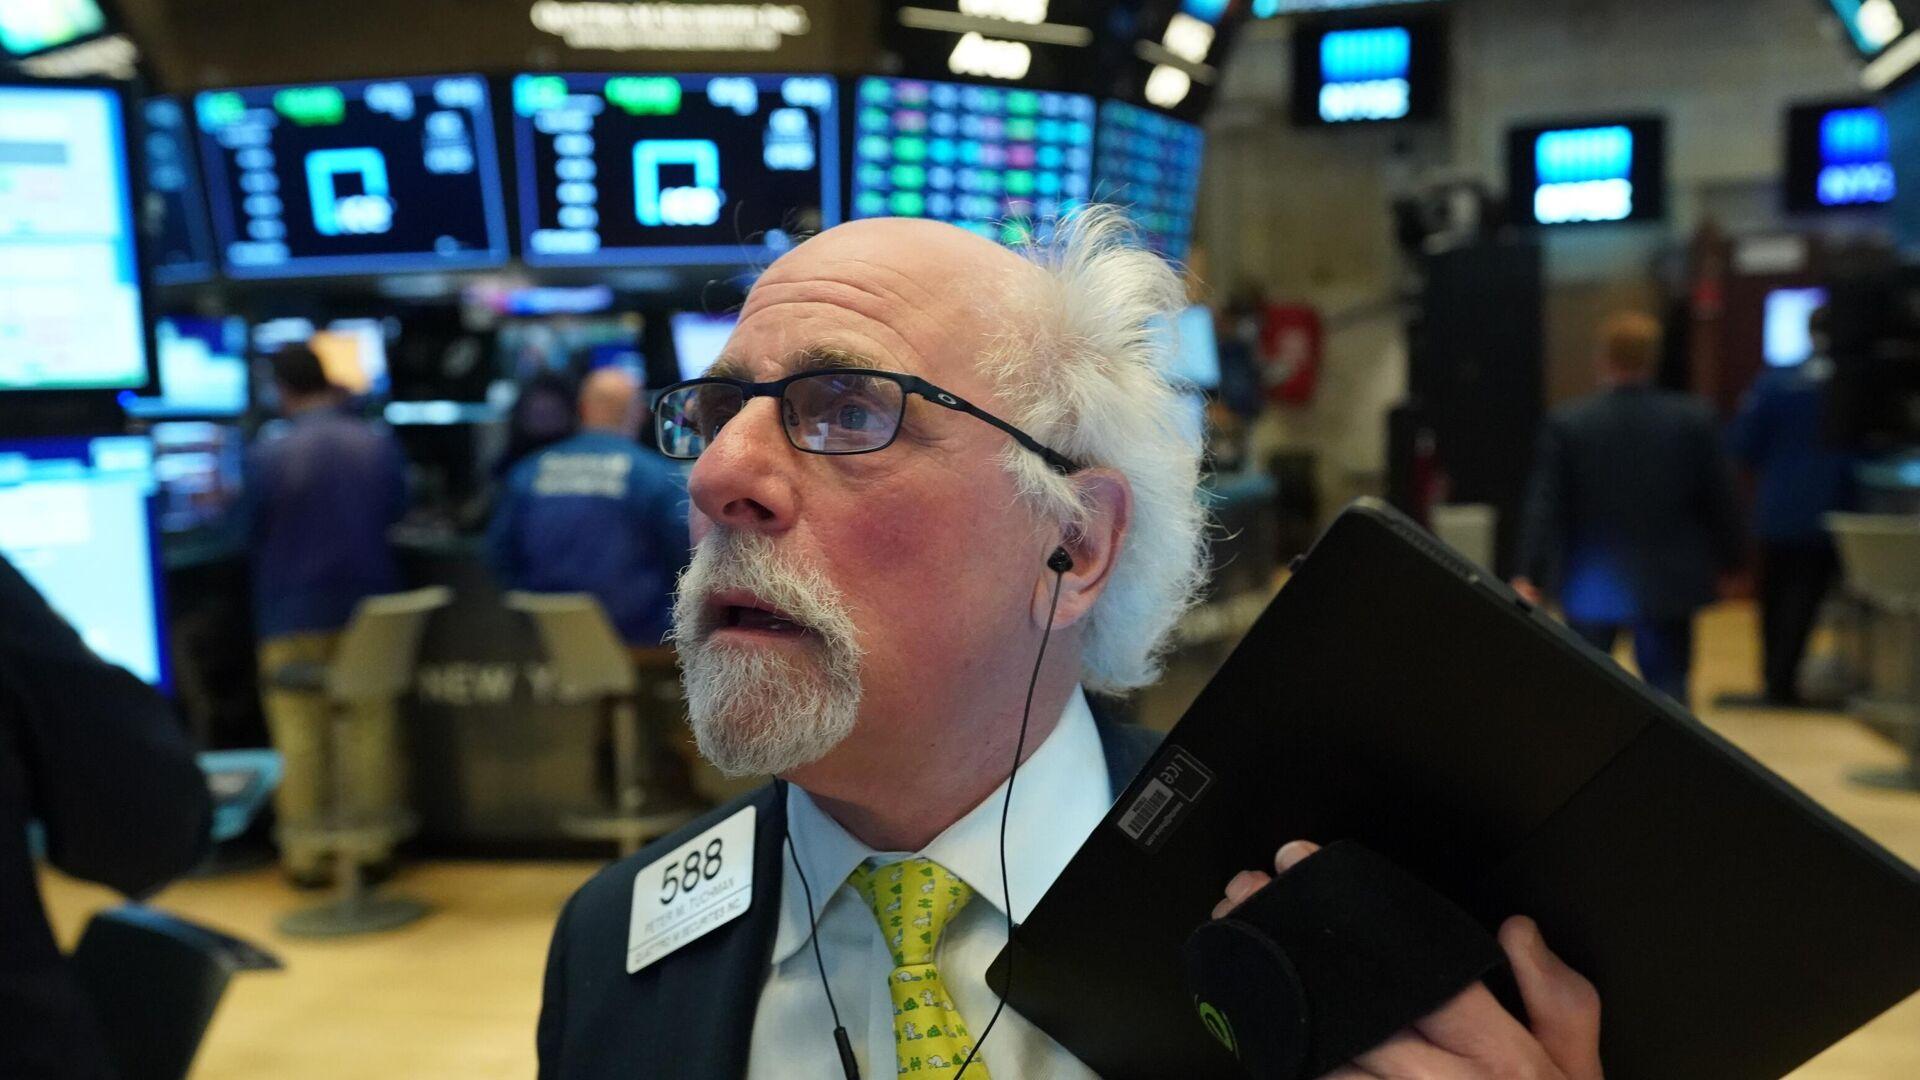 Трейдеры в момент закрытия торгов на Нью-Йоркской фондовой бирже - РИА Новости, 1920, 09.02.2021